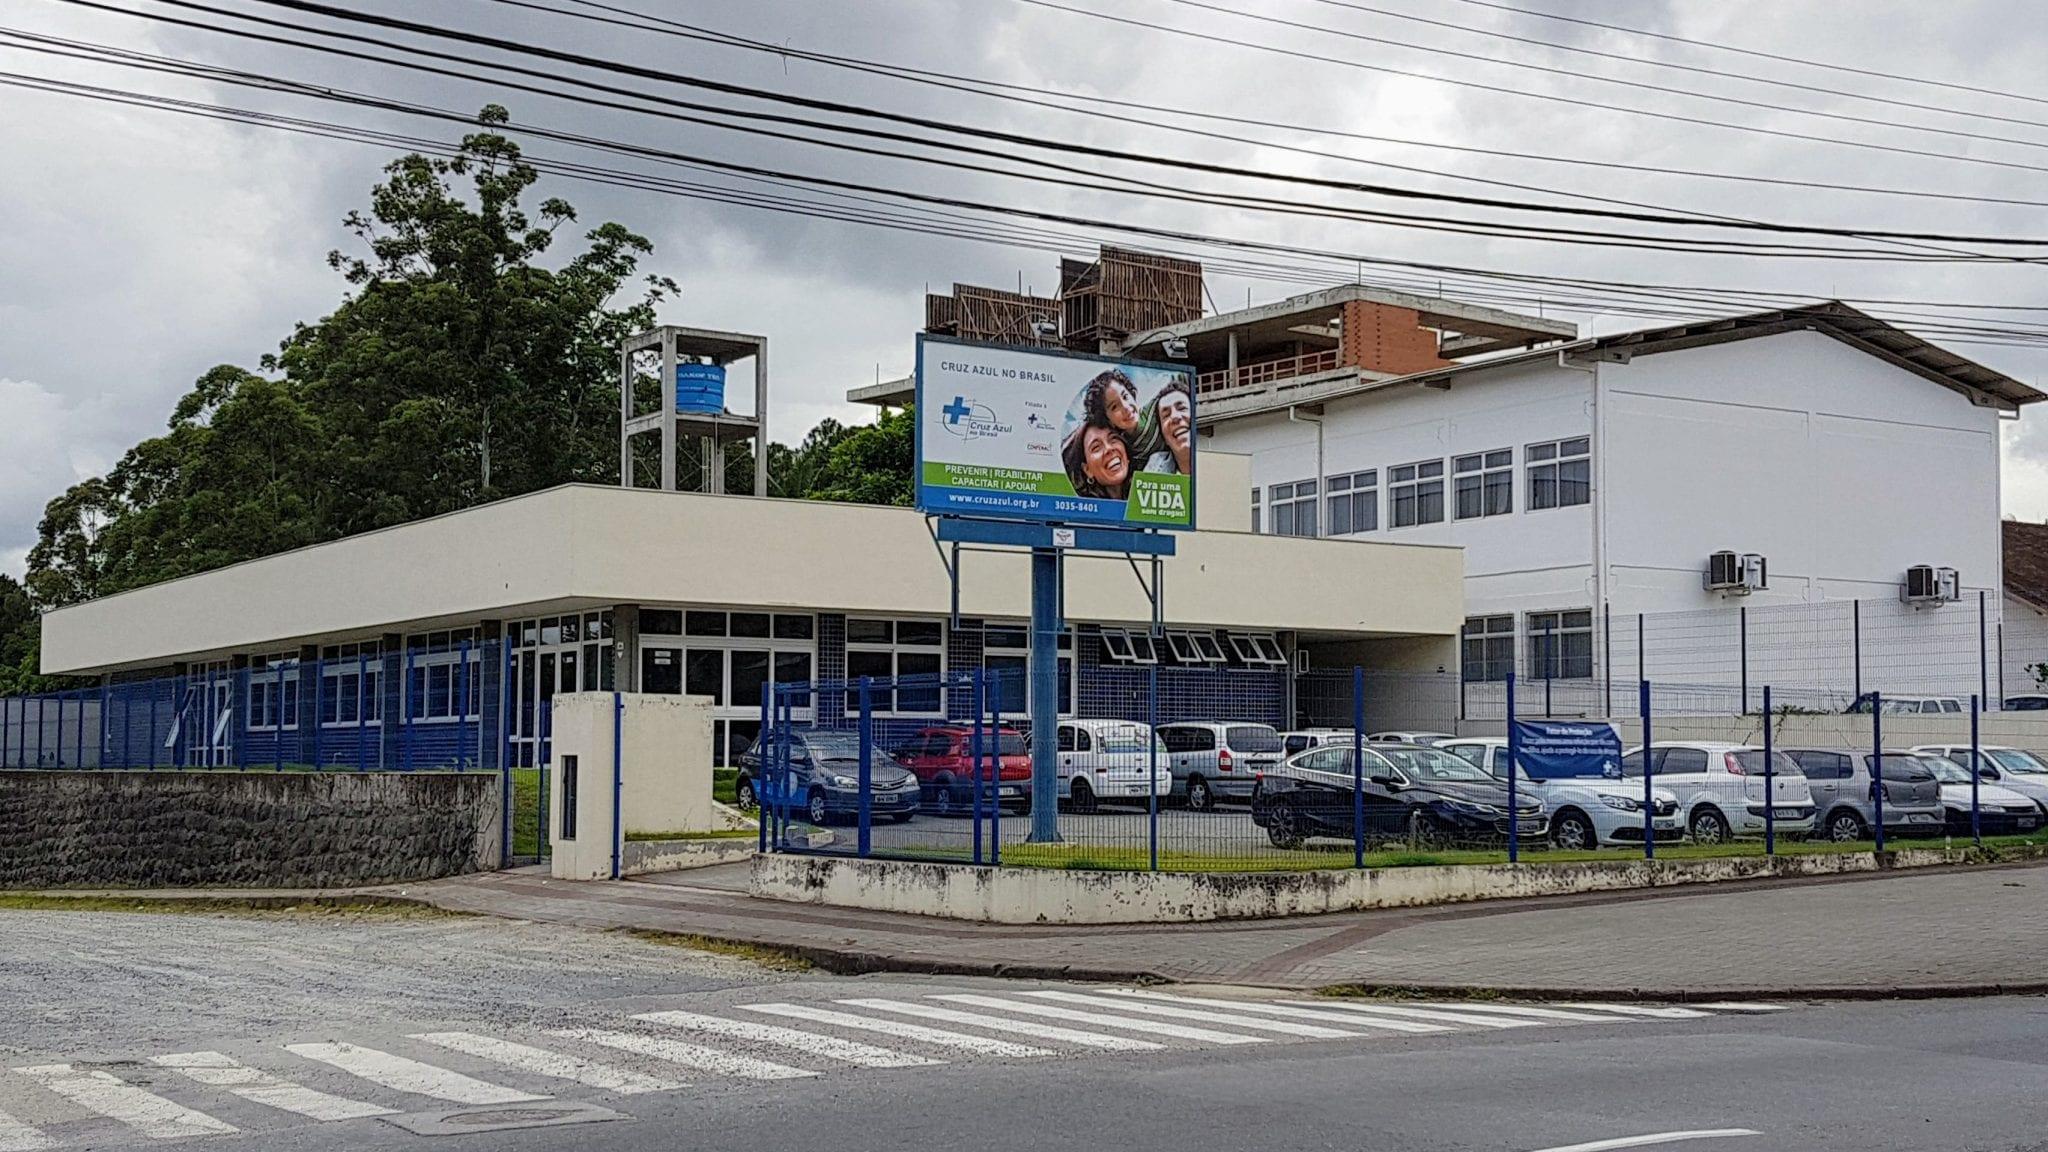 Cruz Azul no Brasil (Farol Blumenau)